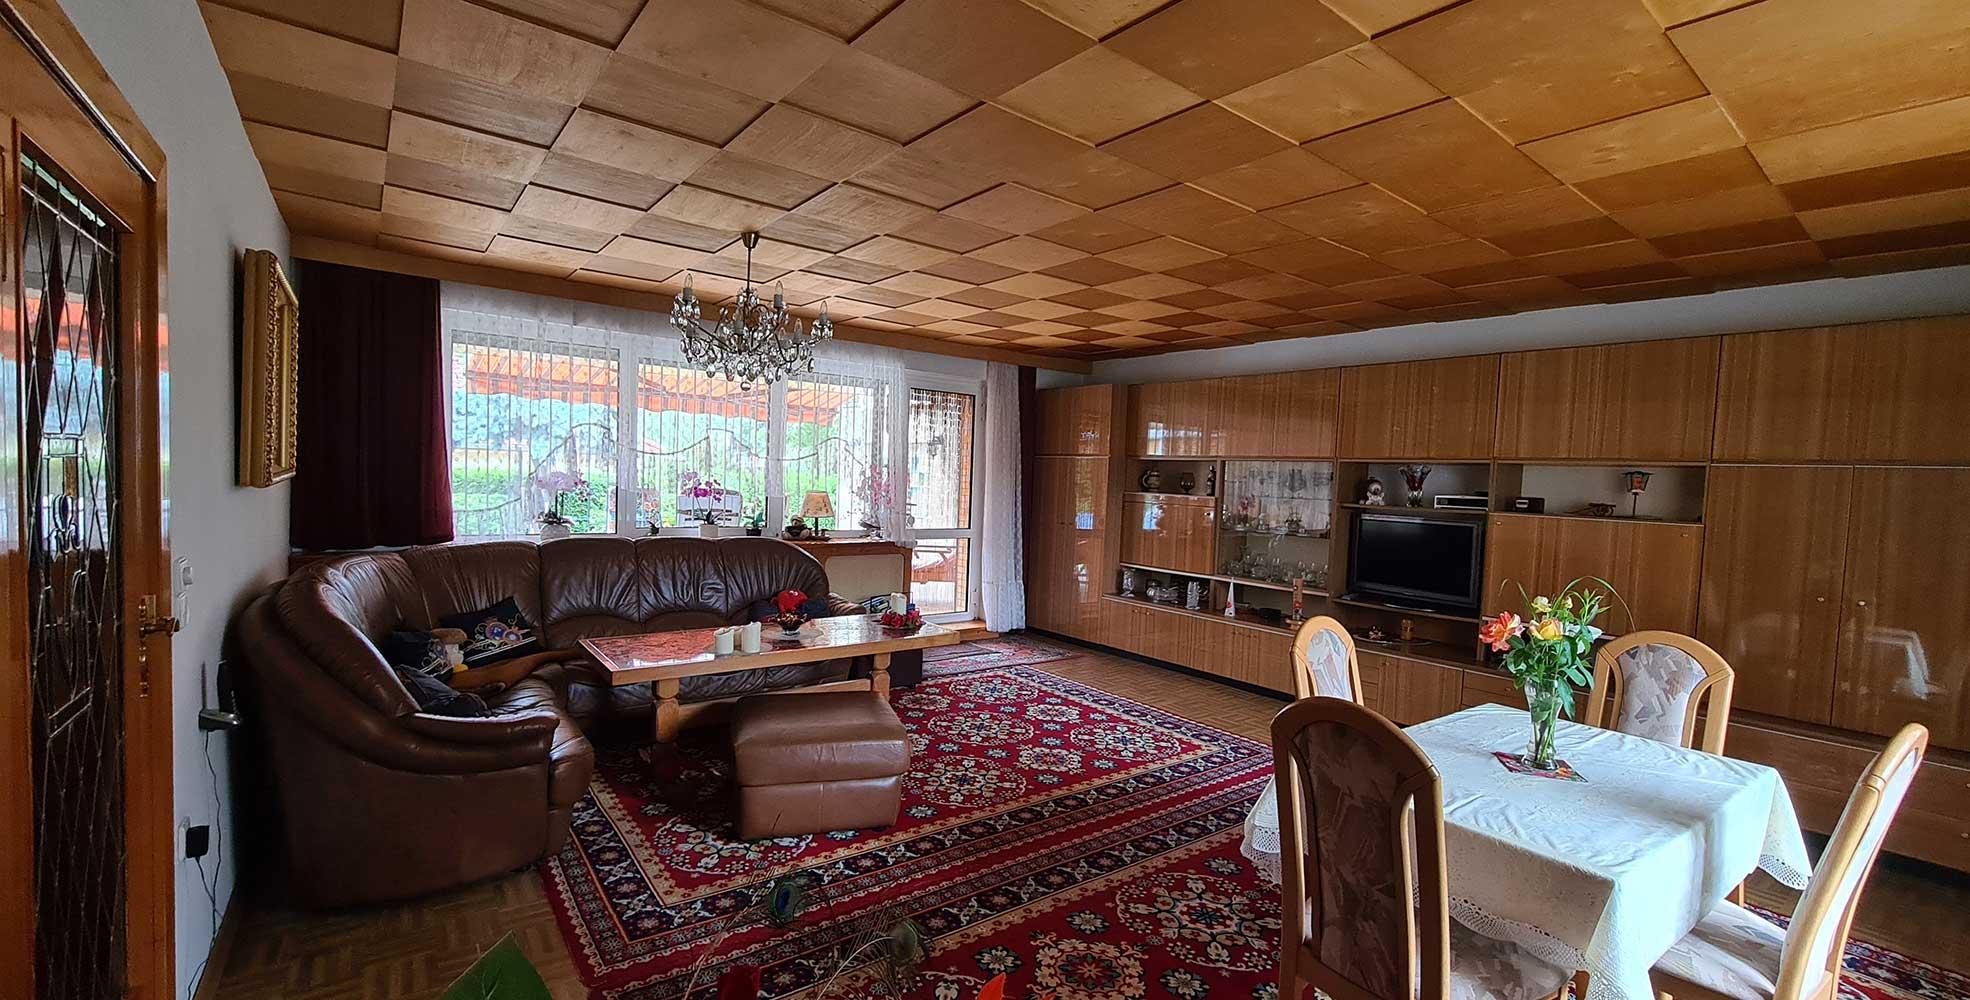 Einfamilienhaus in Berlin - Kaulsdorf -Wohnzimmer